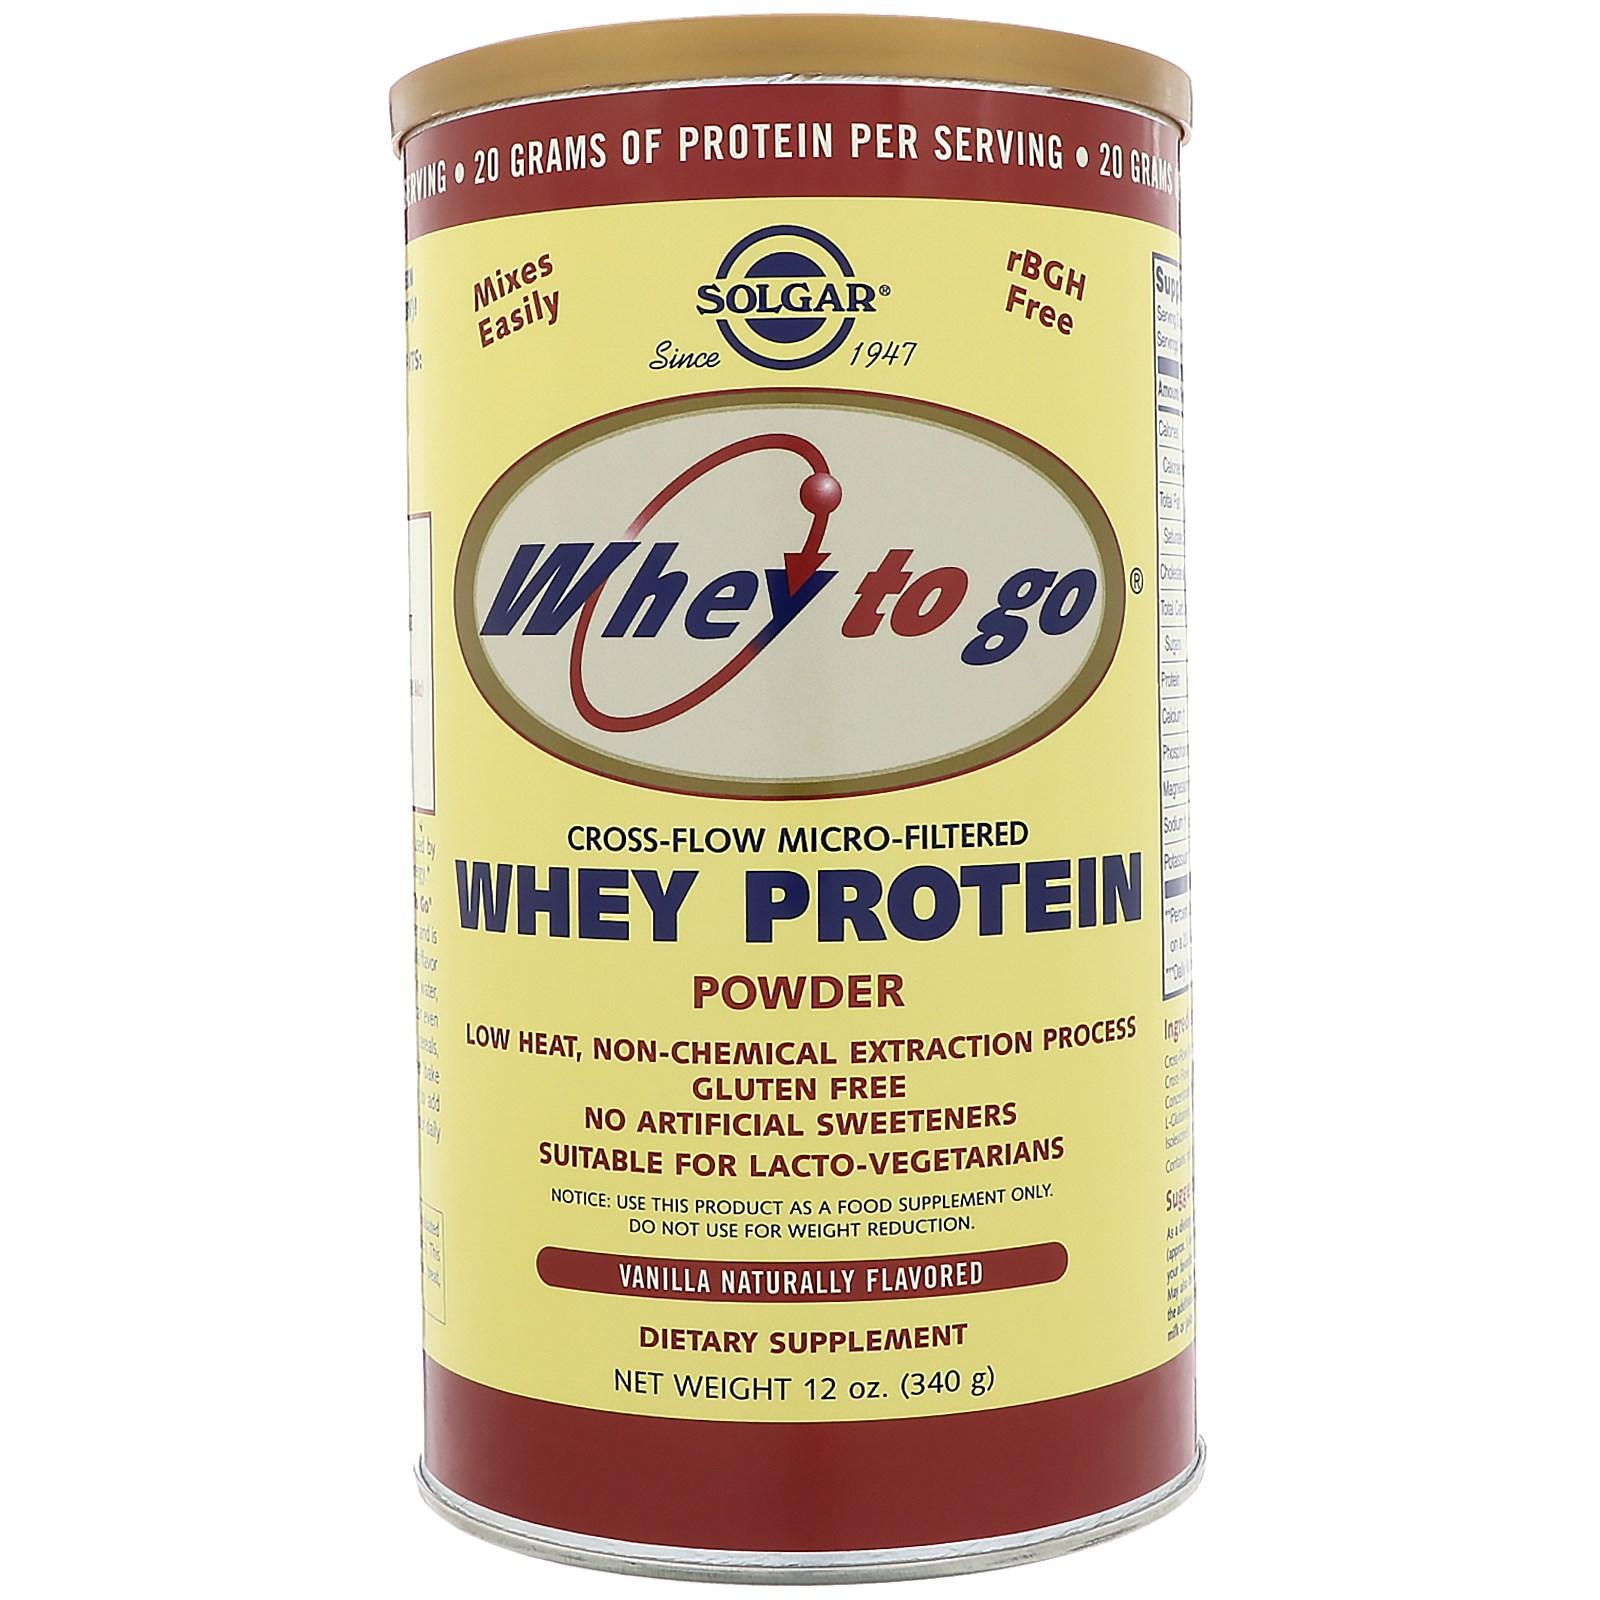 Solgar, Whey To Go, Whey Protein Powder, Vanilla, 12 oz (340 g)